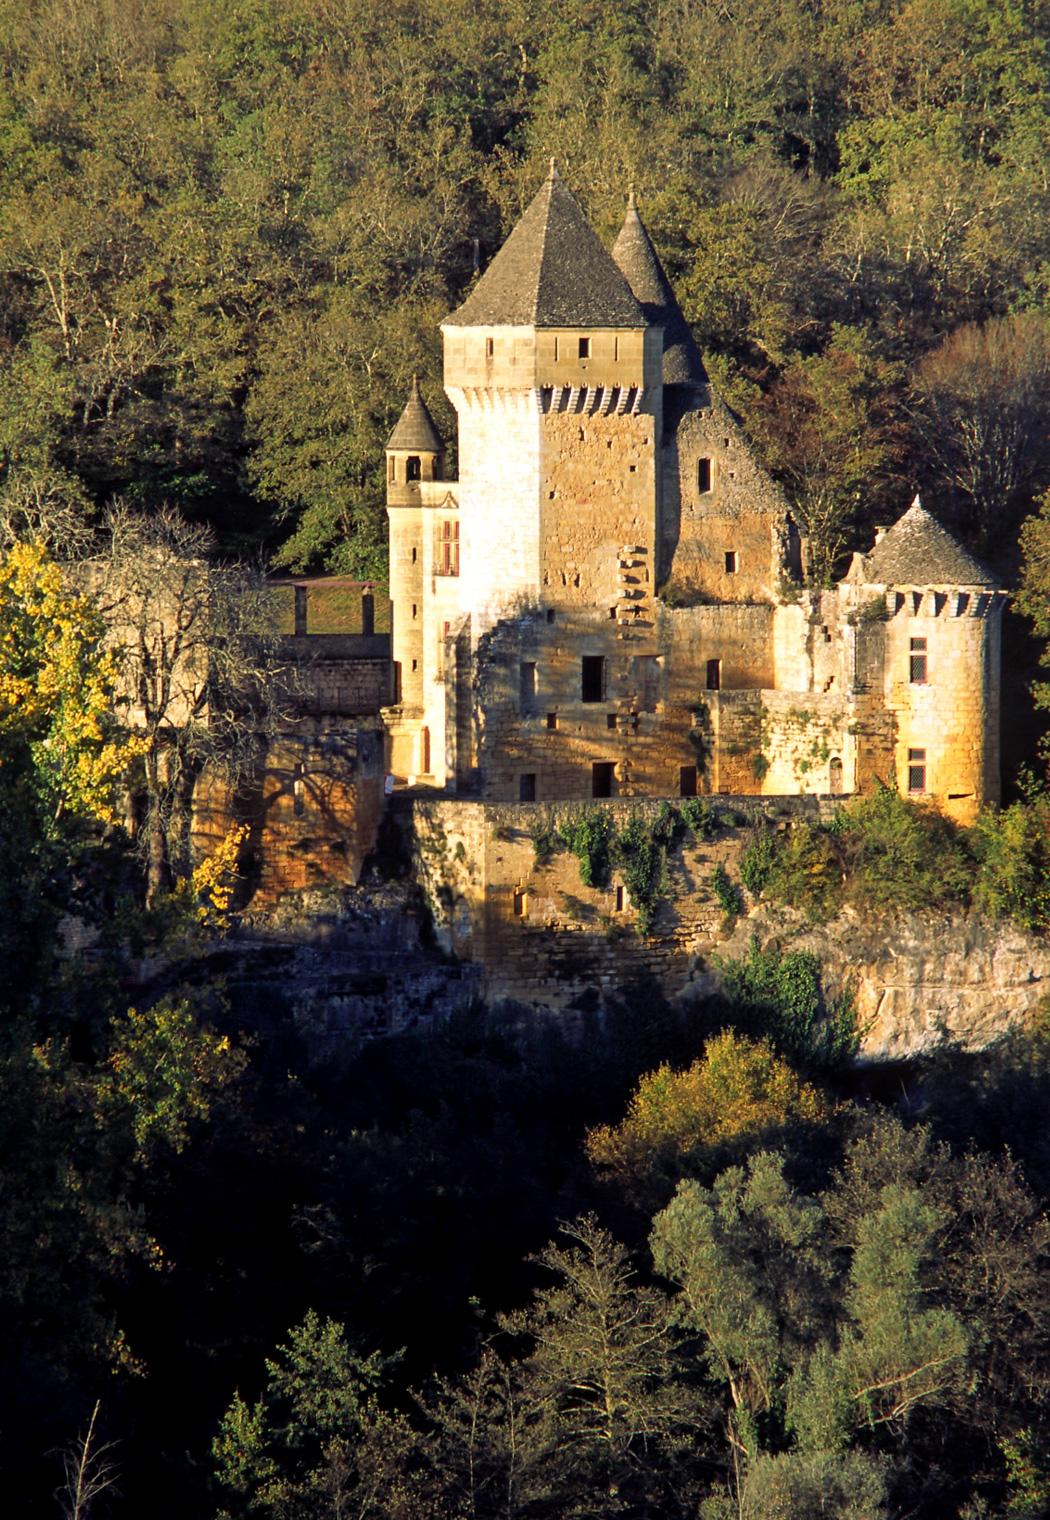 Fabuleux chateau-de-laussel-dordogne.jpg FO99